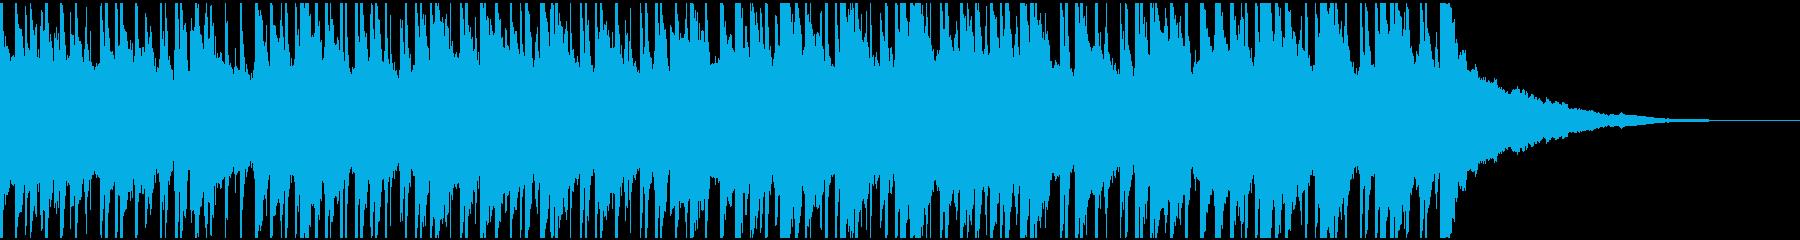 ウクレレ、ピアノの楽しい楽曲60秒verの再生済みの波形